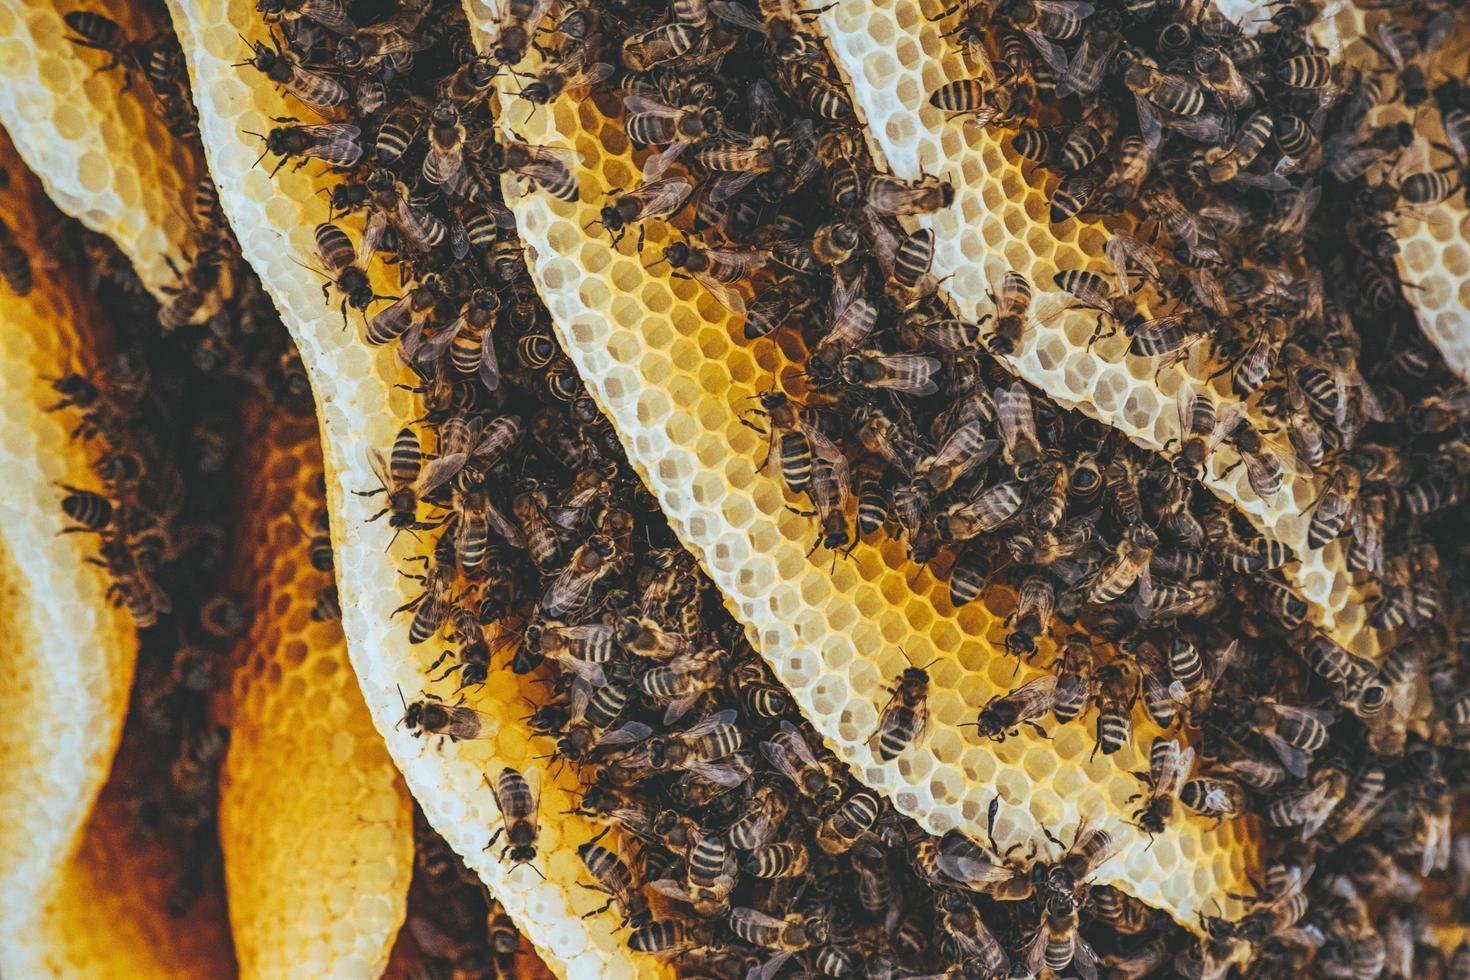 abeilles sur nid d'abeille photo